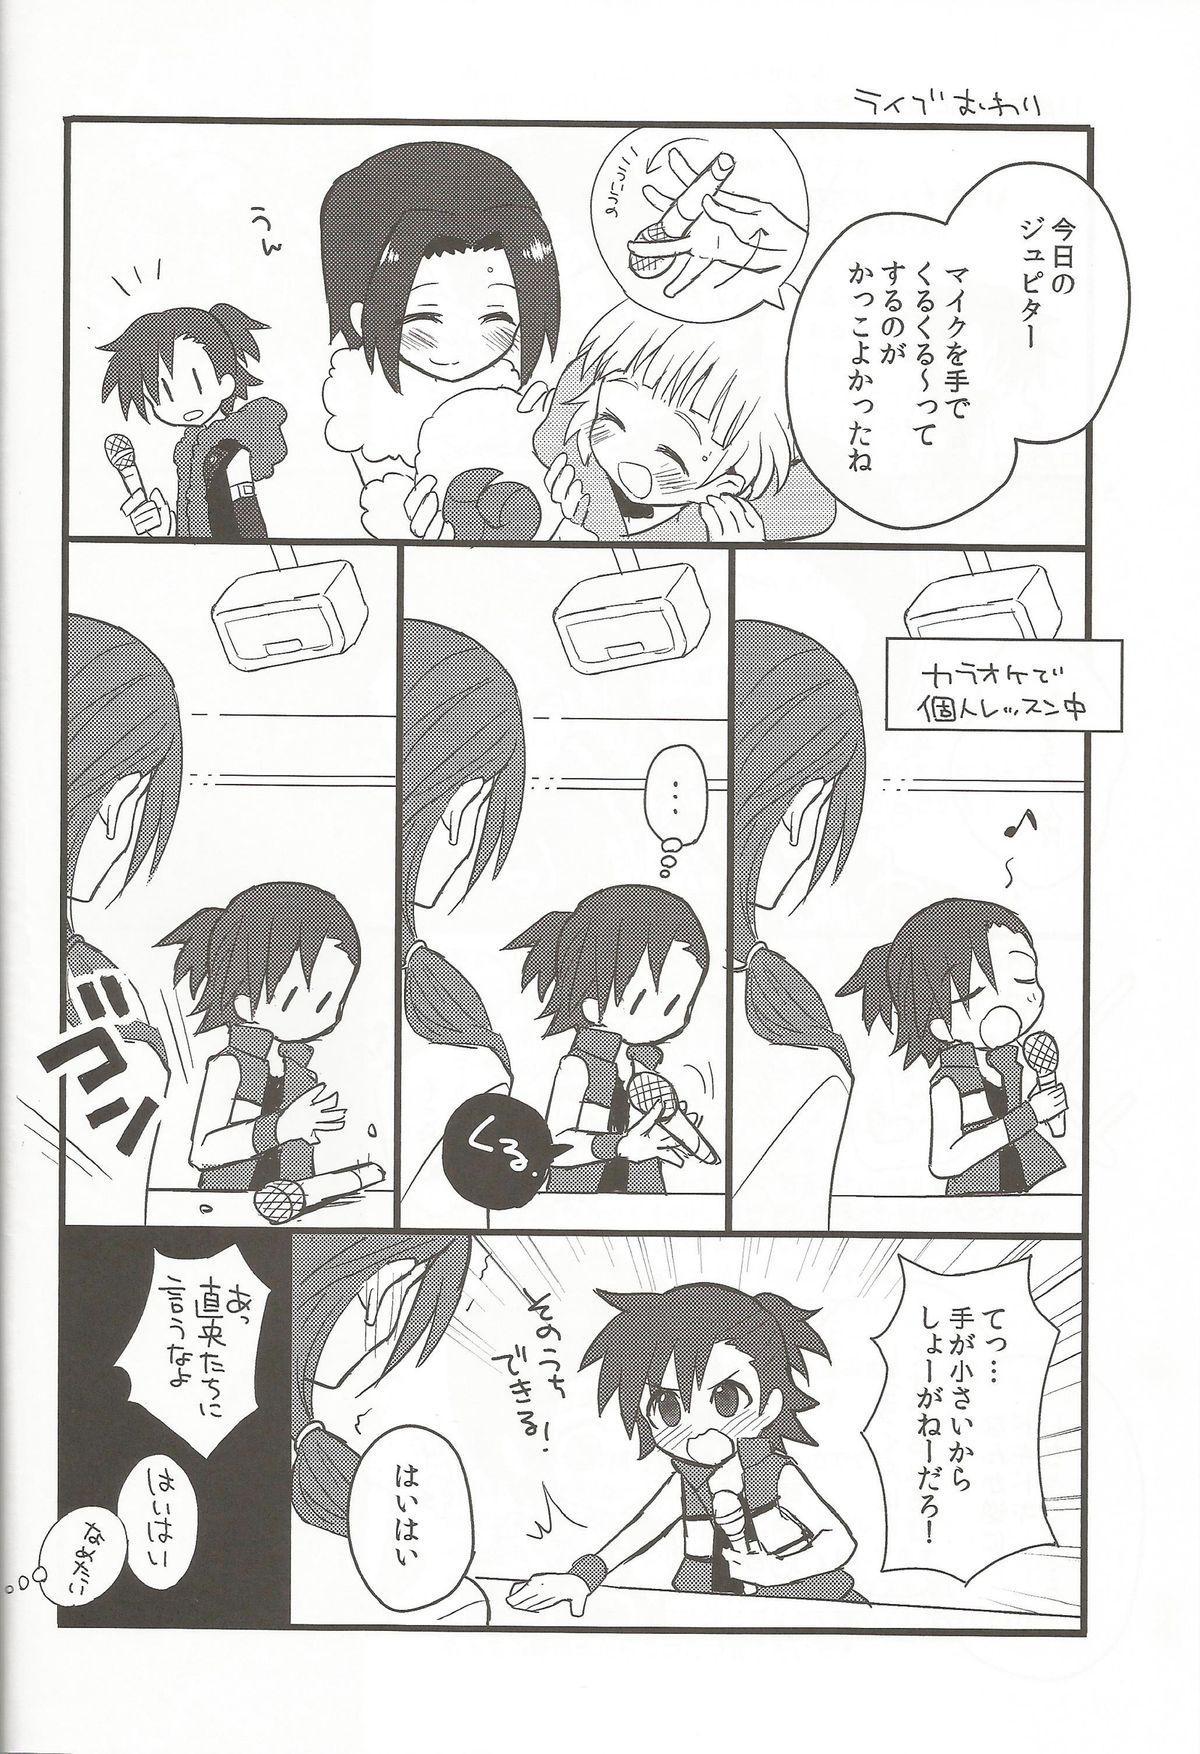 Toppatsu! Mofugyu! 10